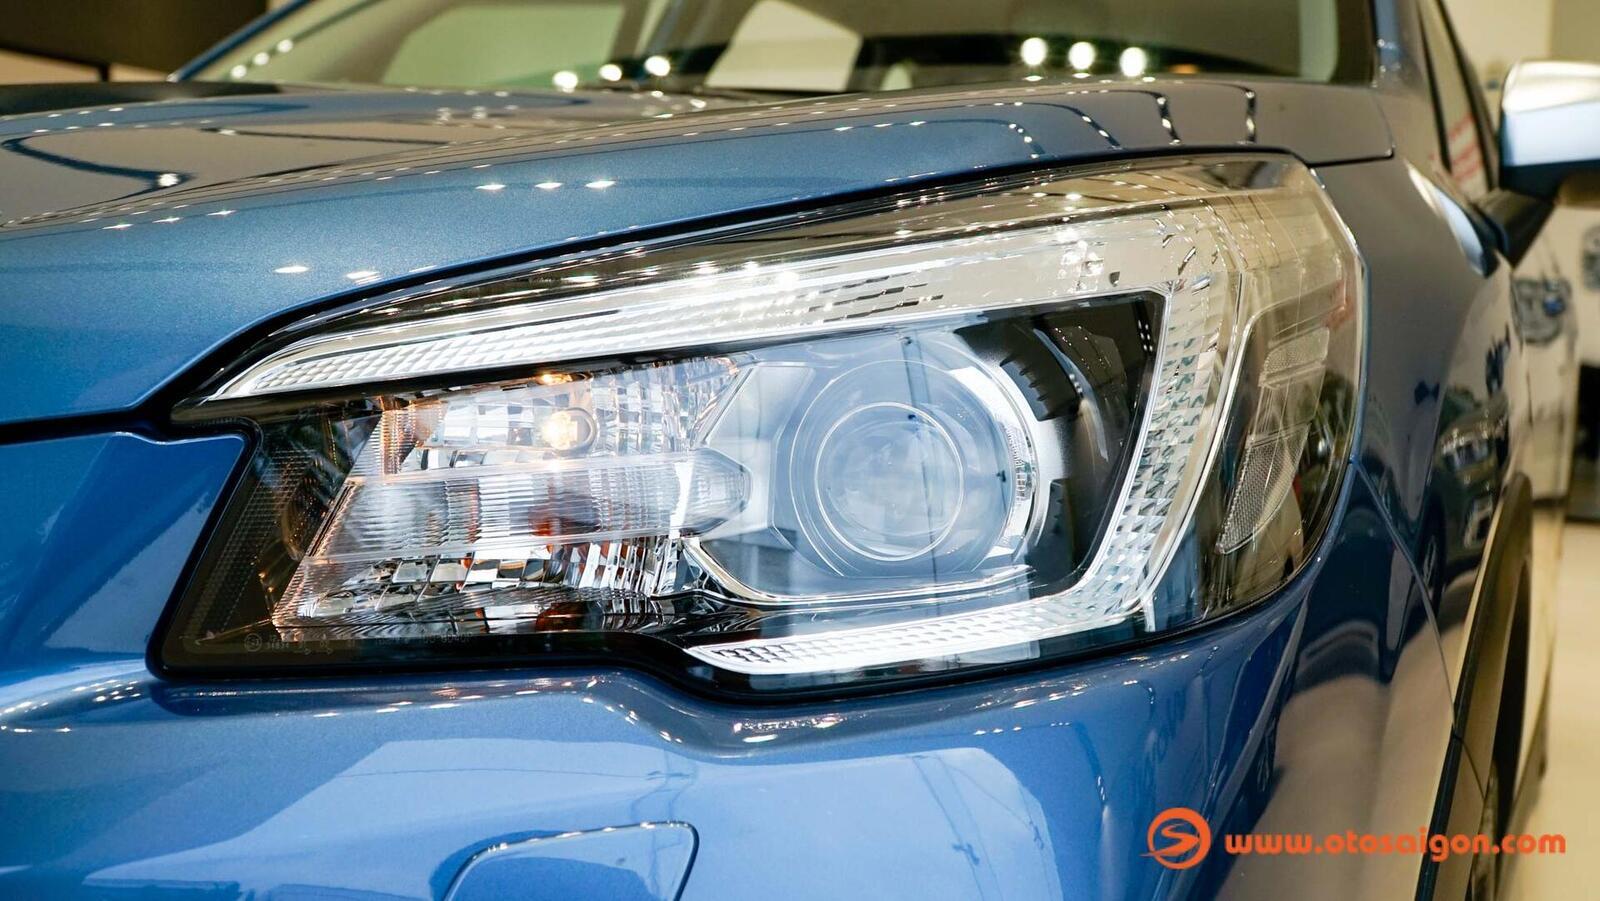 Đánh giá nhanh Subaru Forester thế hệ mới và sự khác biệt giữa hai phiên bản - Hình 11